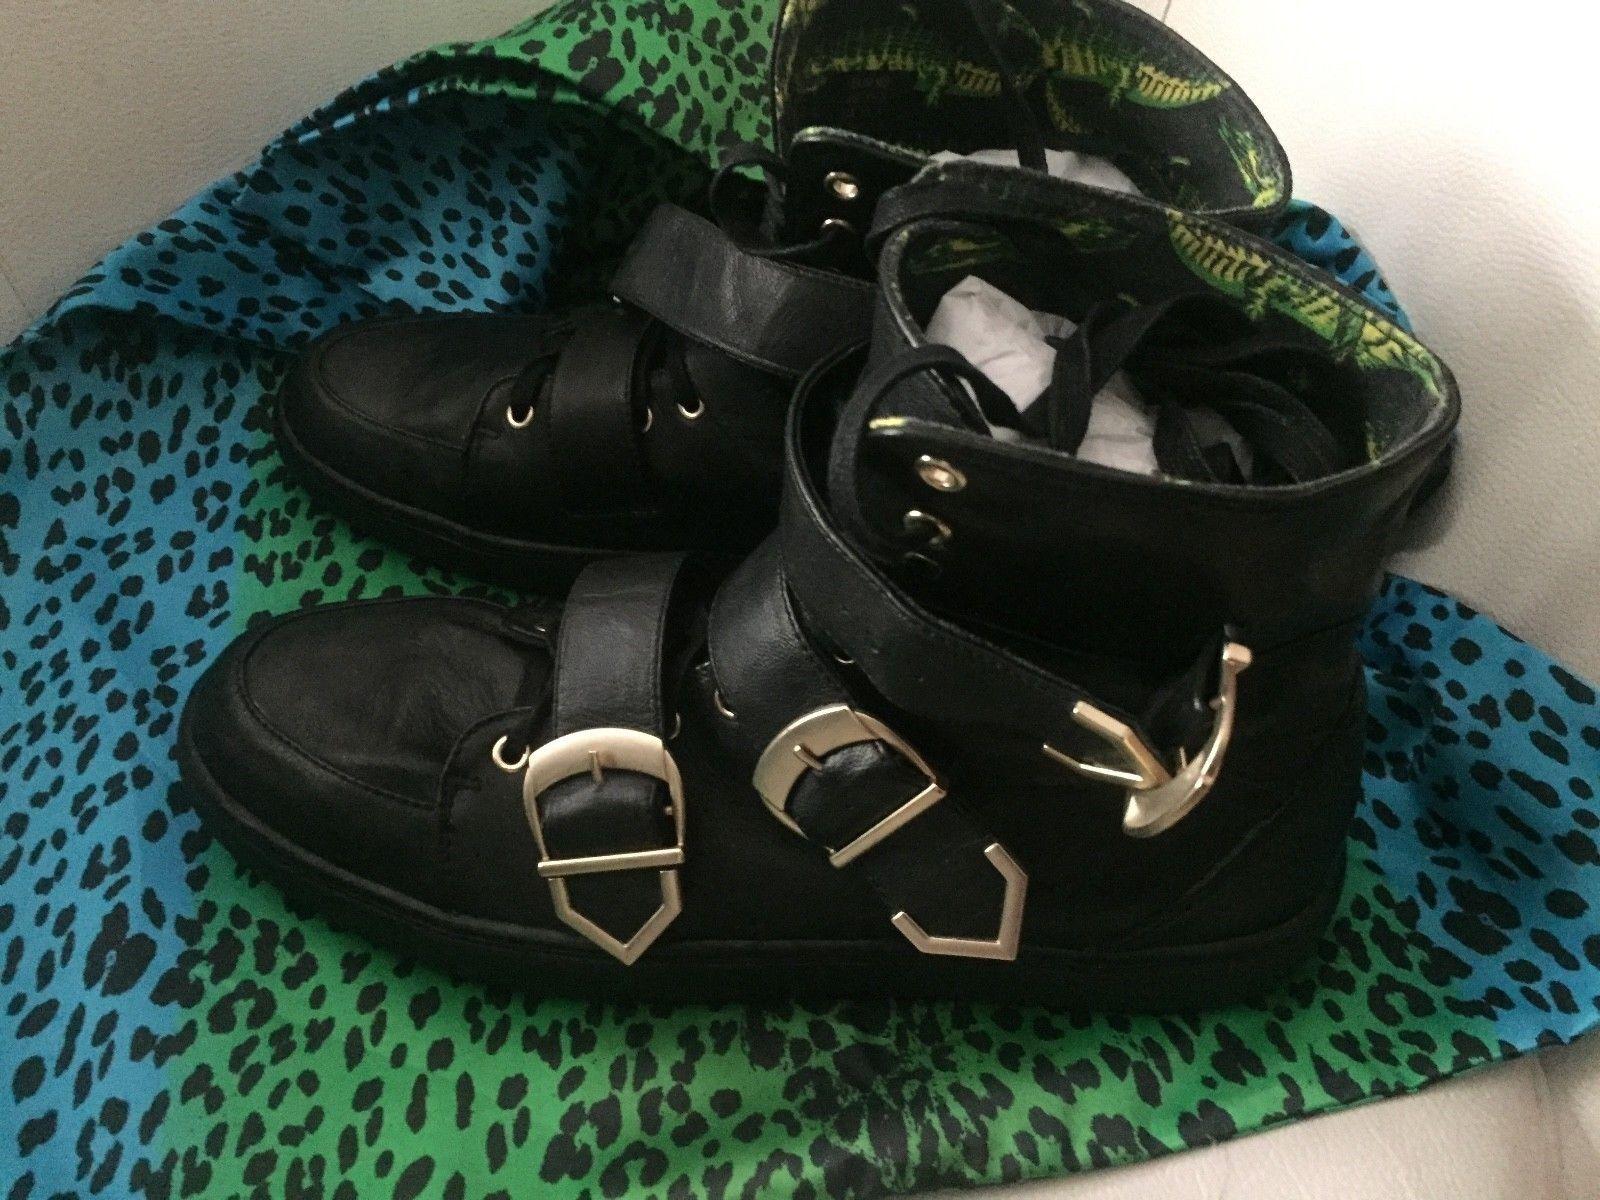 Versace for H&M Boots Leder Sneaker Biker Leather Leather Leather EUR Größe 45 size US 11,5 ec4f24